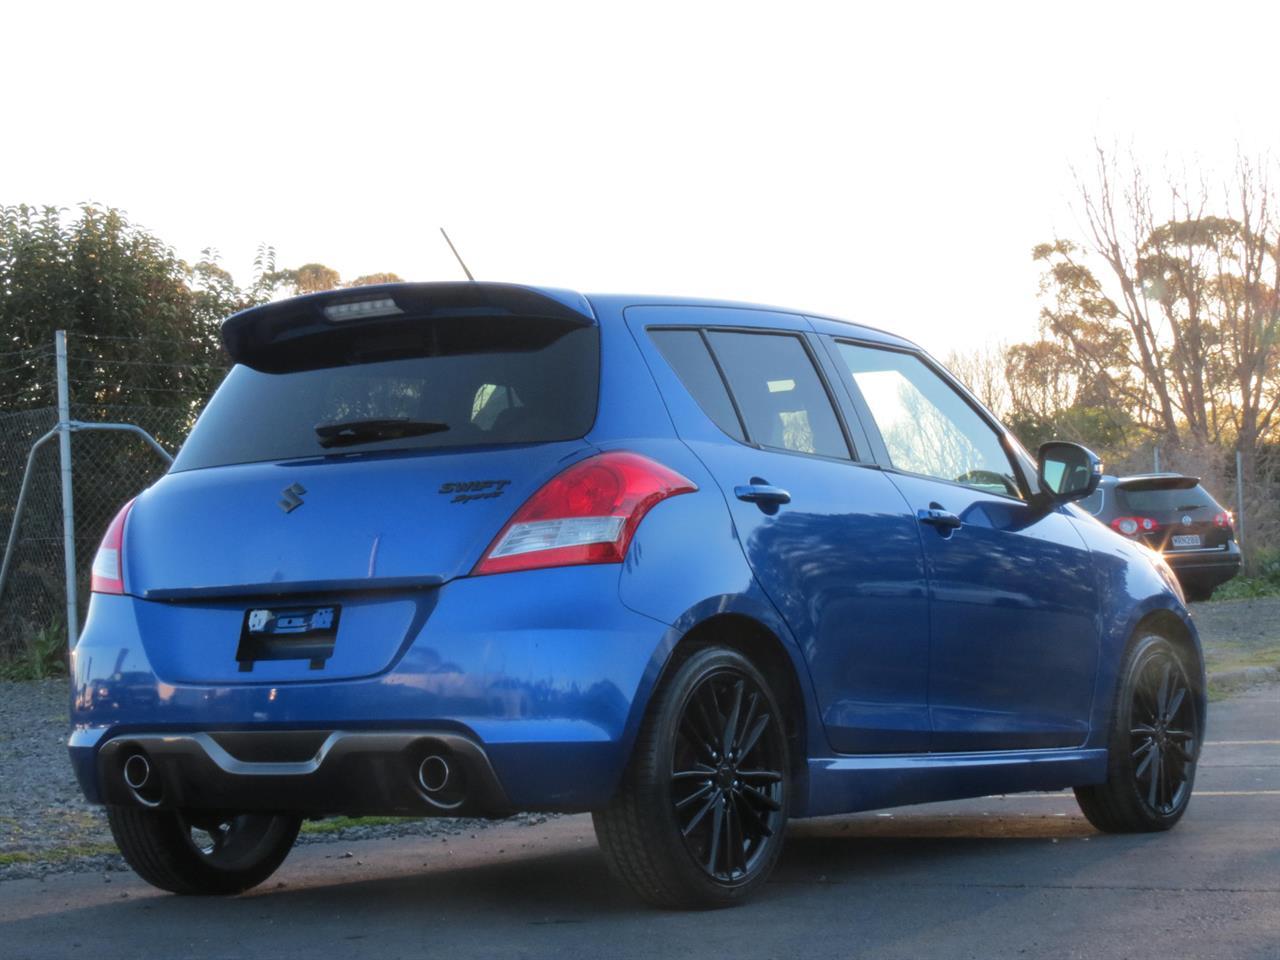 2013 Suzuki Swift | only $44 weekly